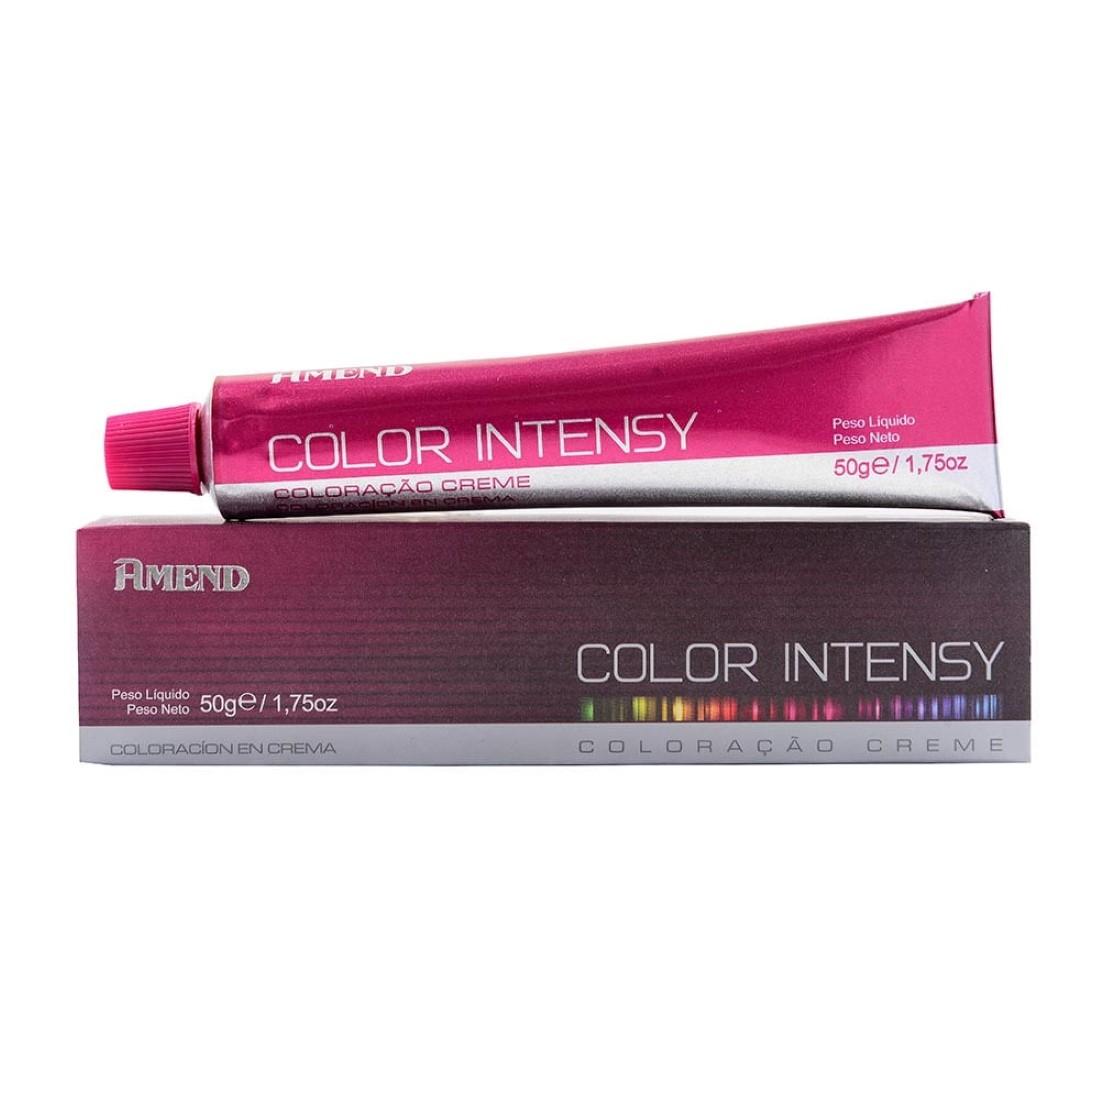 Coloração Color Intensy Proteína da Seda 10.0 Louro Claríssimo 50g - Amend